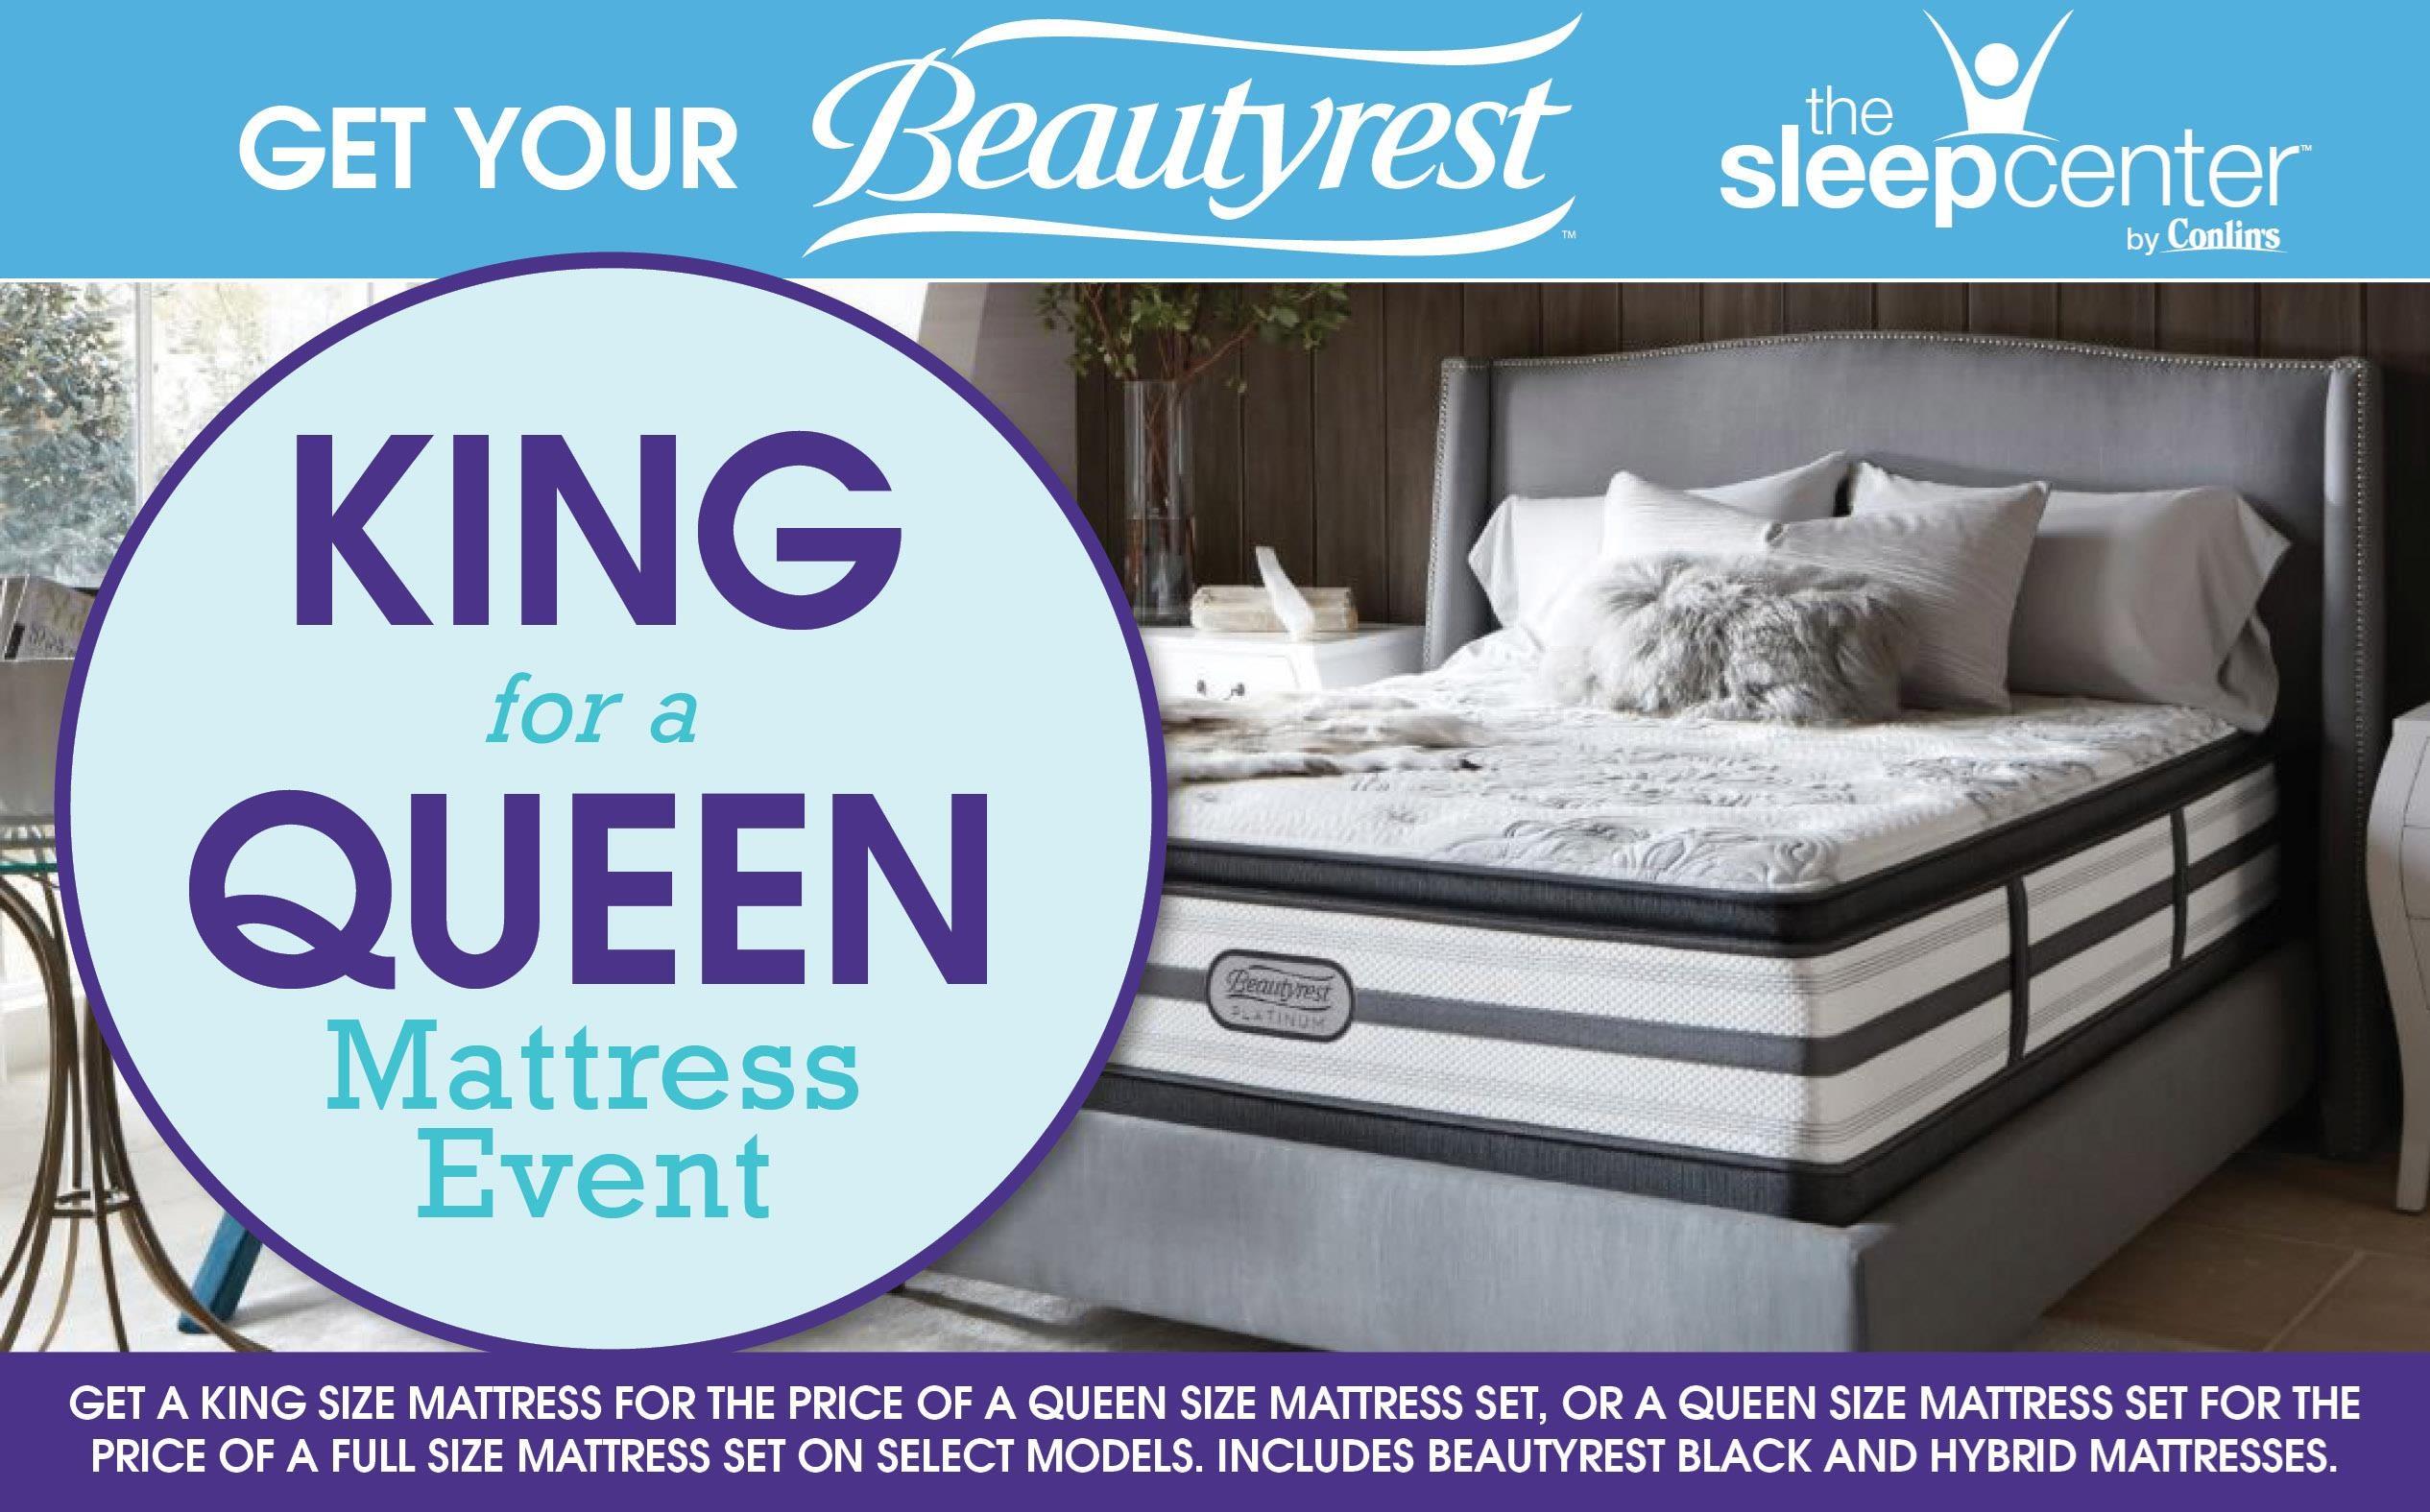 King For a Queen Mattress Event